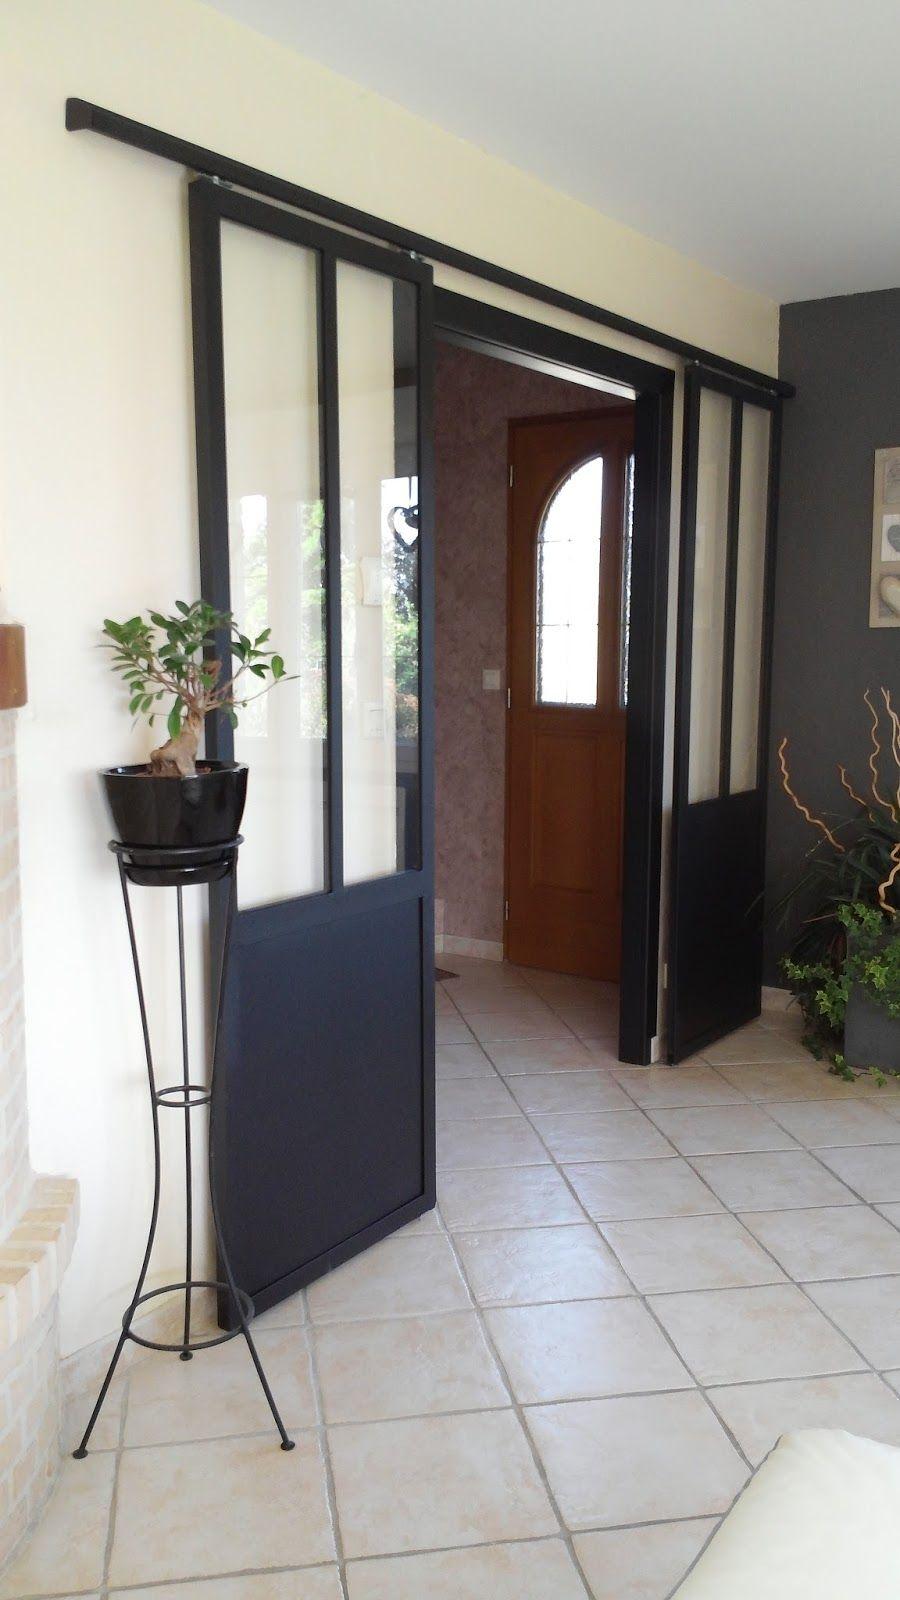 Blog De La Maison De LImaginarium Lambiance Factory Sur - Porte placard coulissante jumelé avec serrurier paris 75020